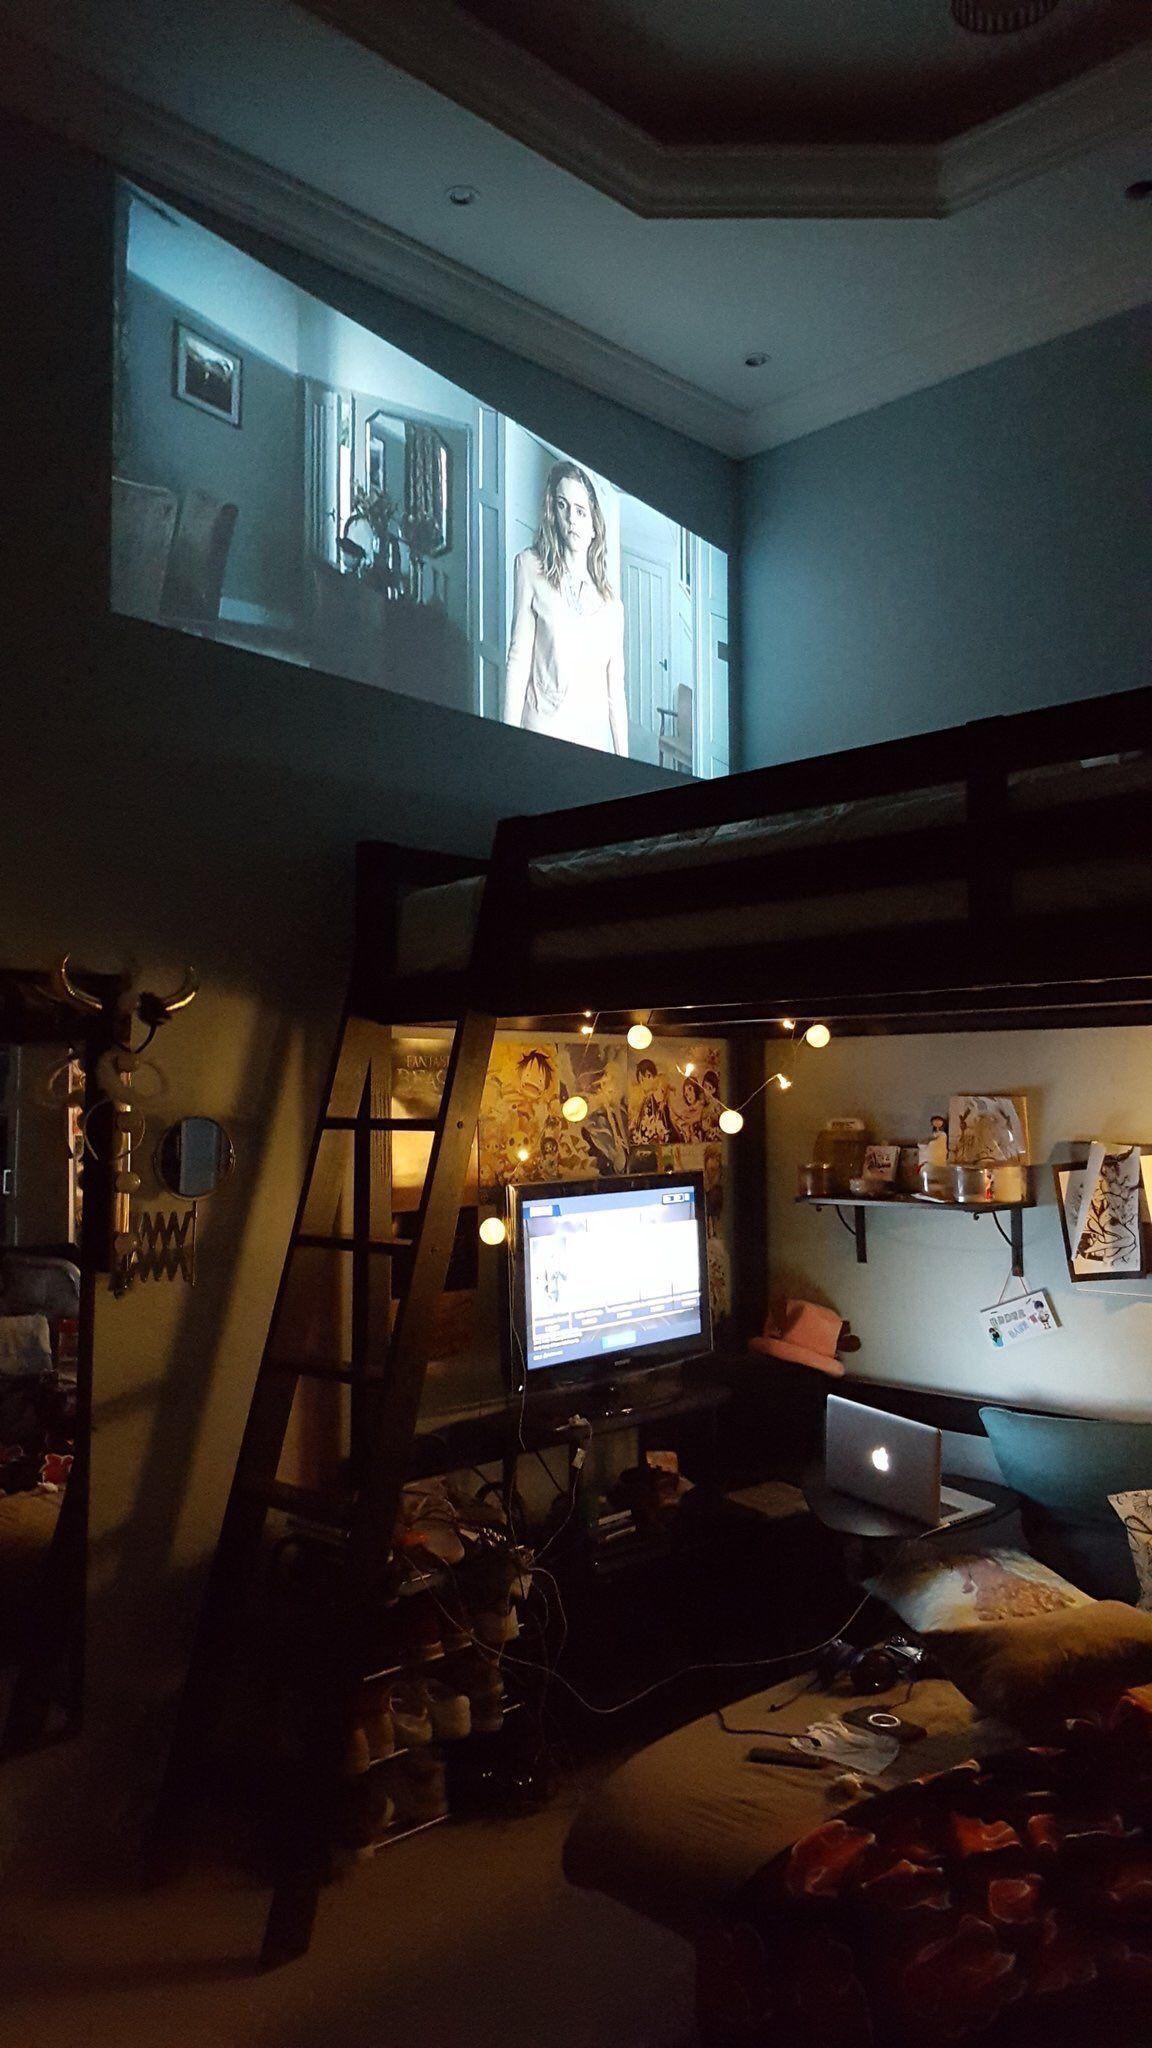 Innenarchitektur wohnzimmer für kleine wohnung crush do futebol on  wohnen  pinterest  schlafzimmer haus und